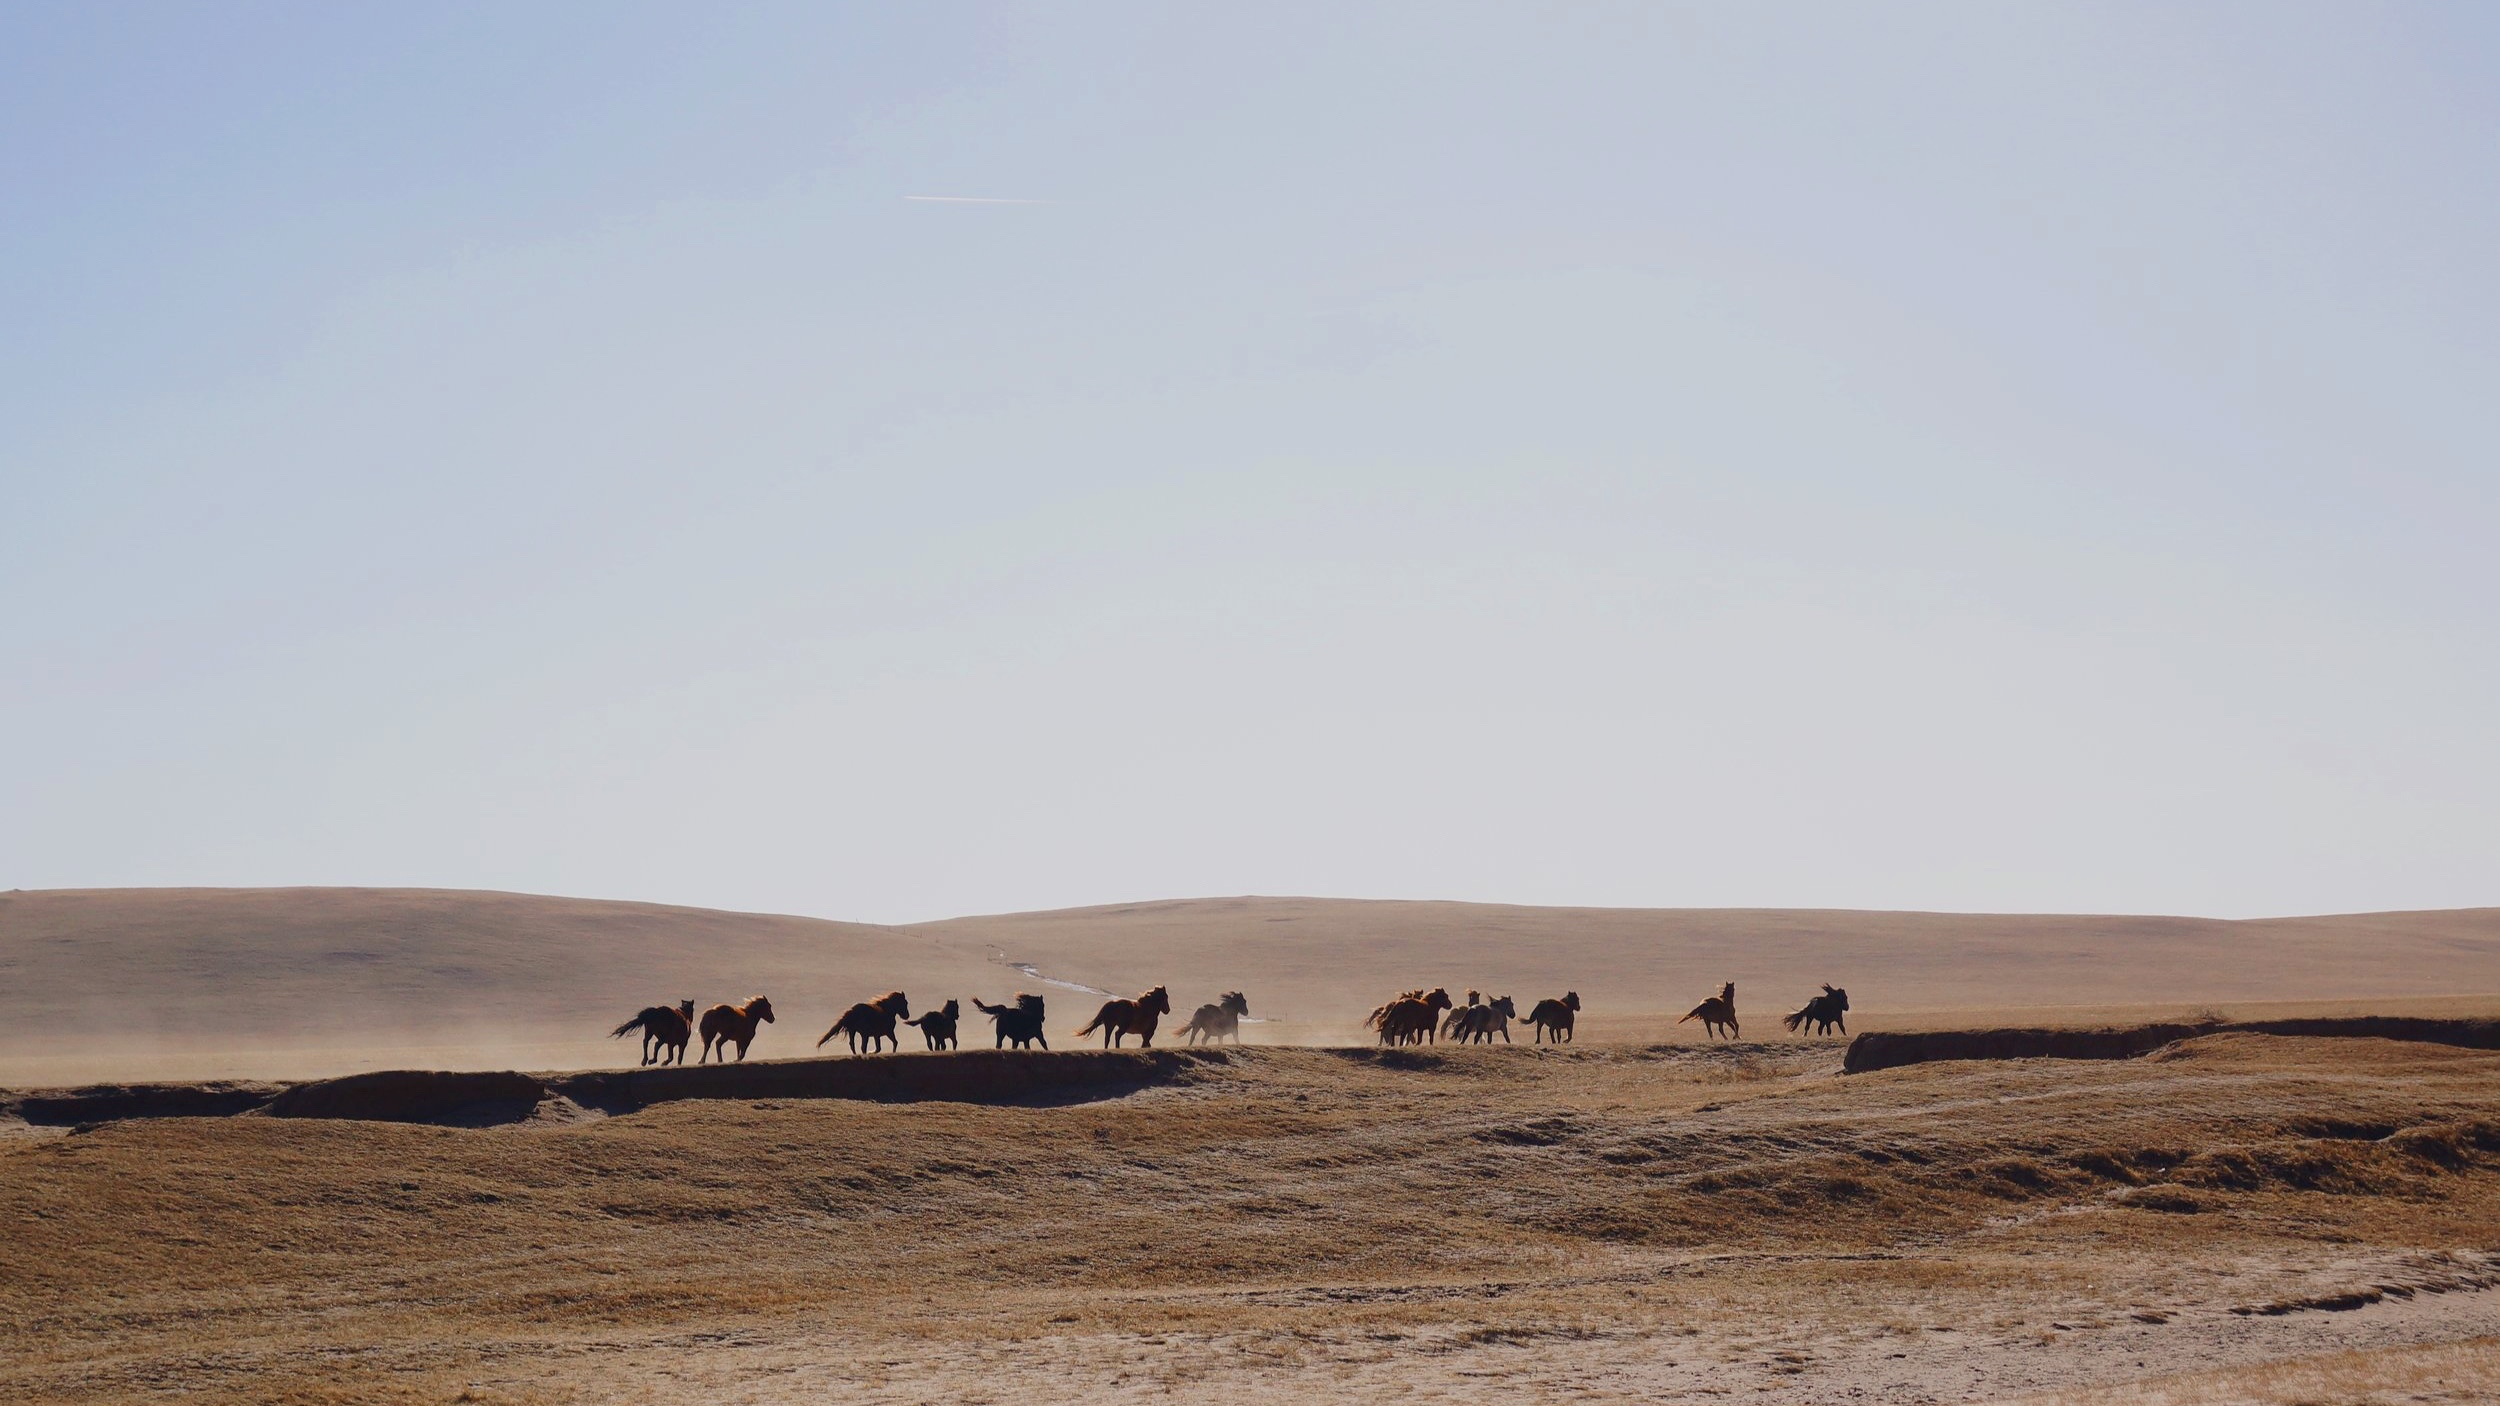 mongolia - into the wild